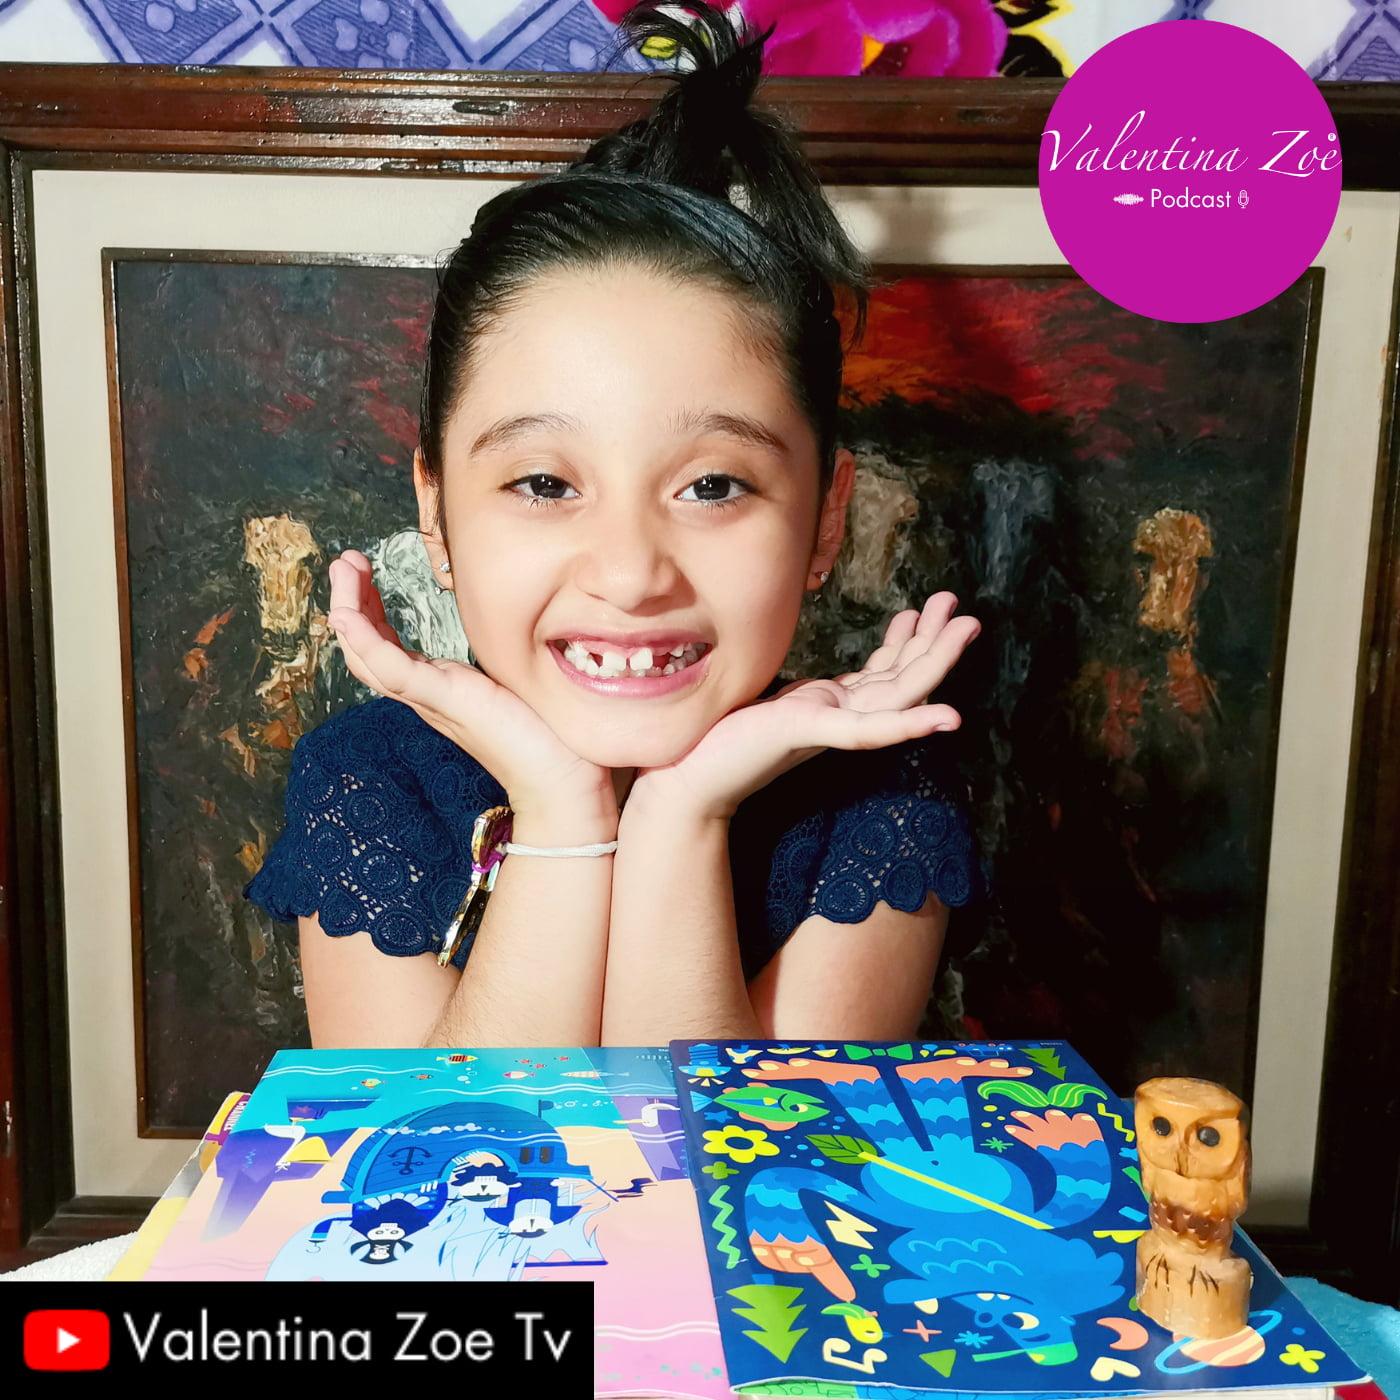 Valentina Zoe Tv Un Rancho y Un Lucero Alfredo Espino